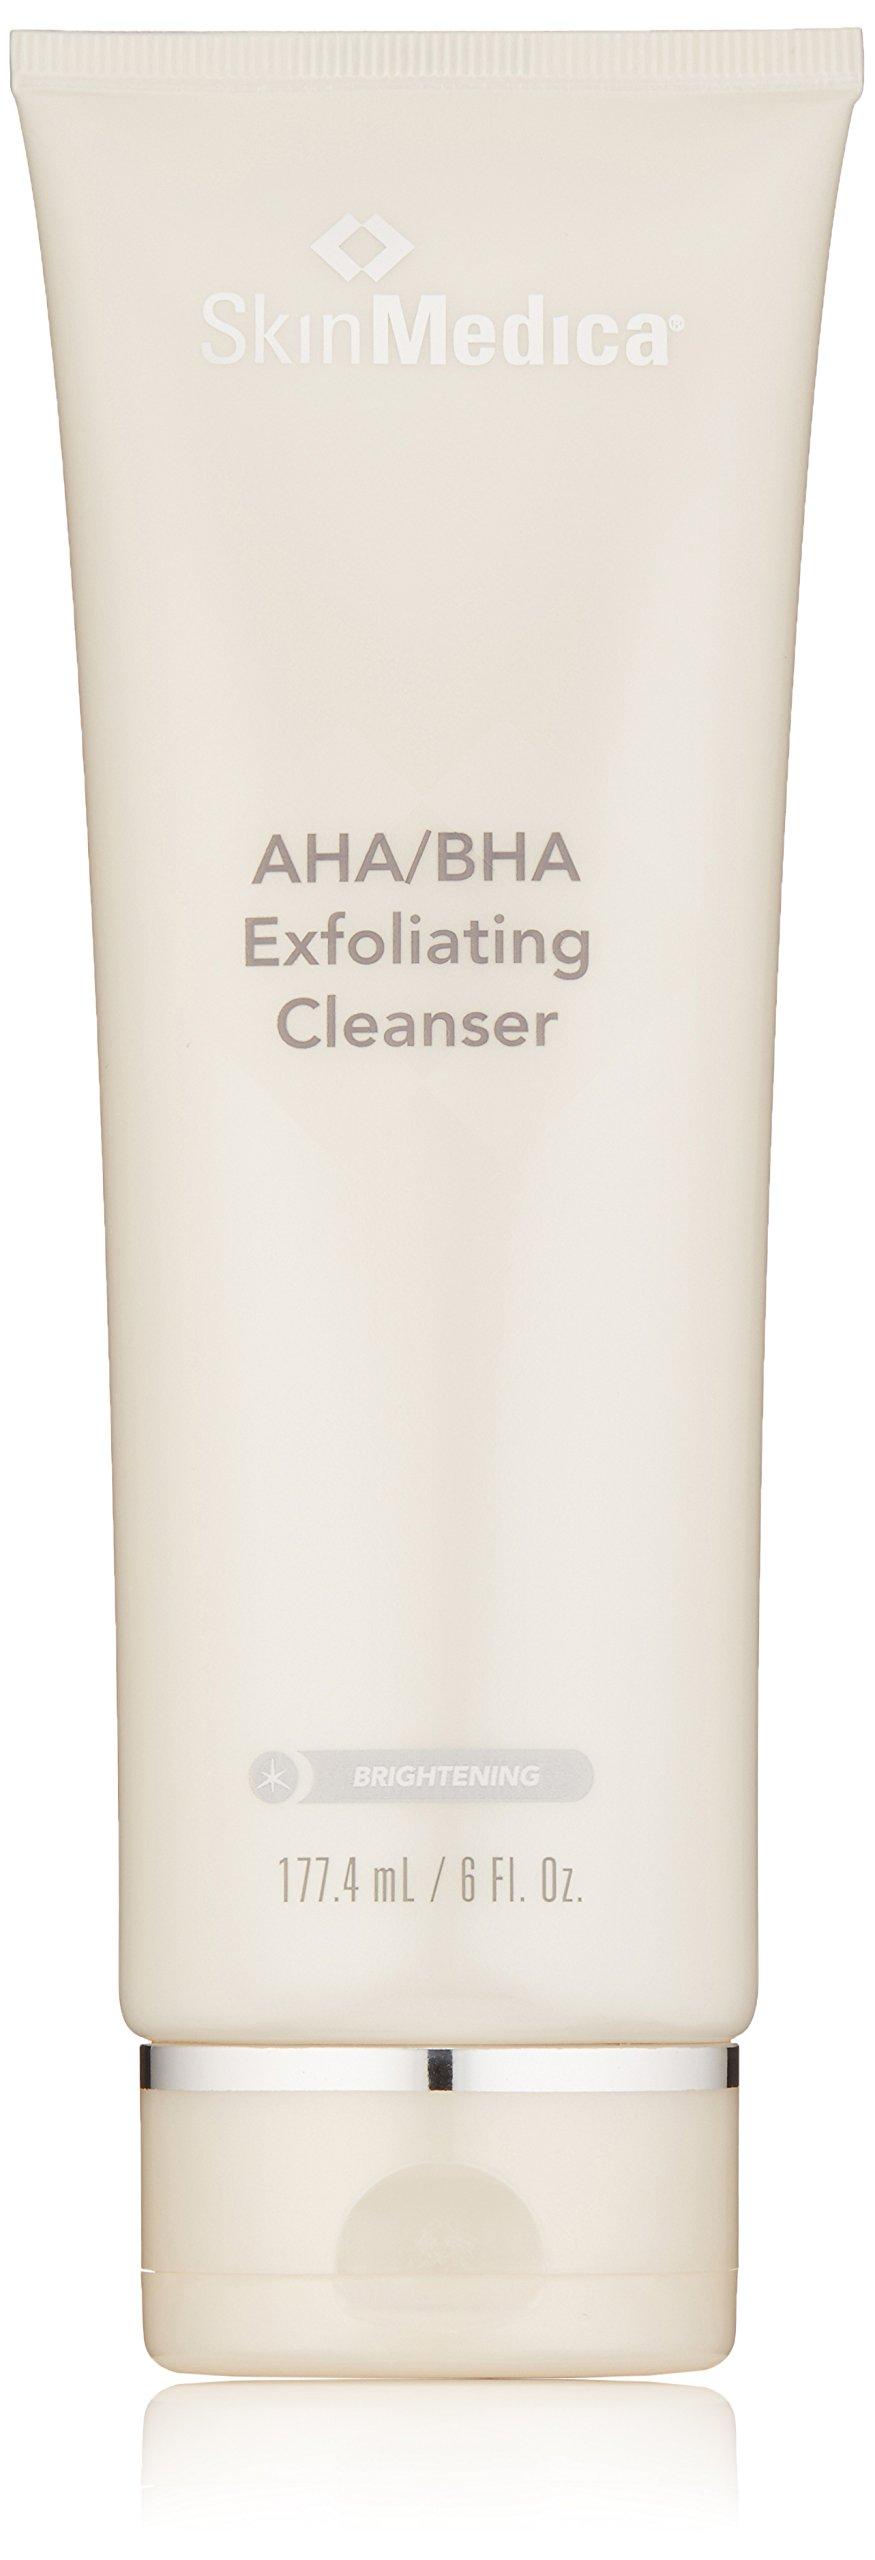 SkinMedica AHA/BHA Exfoliating Cleanser, 6 oz. by SkinMedica